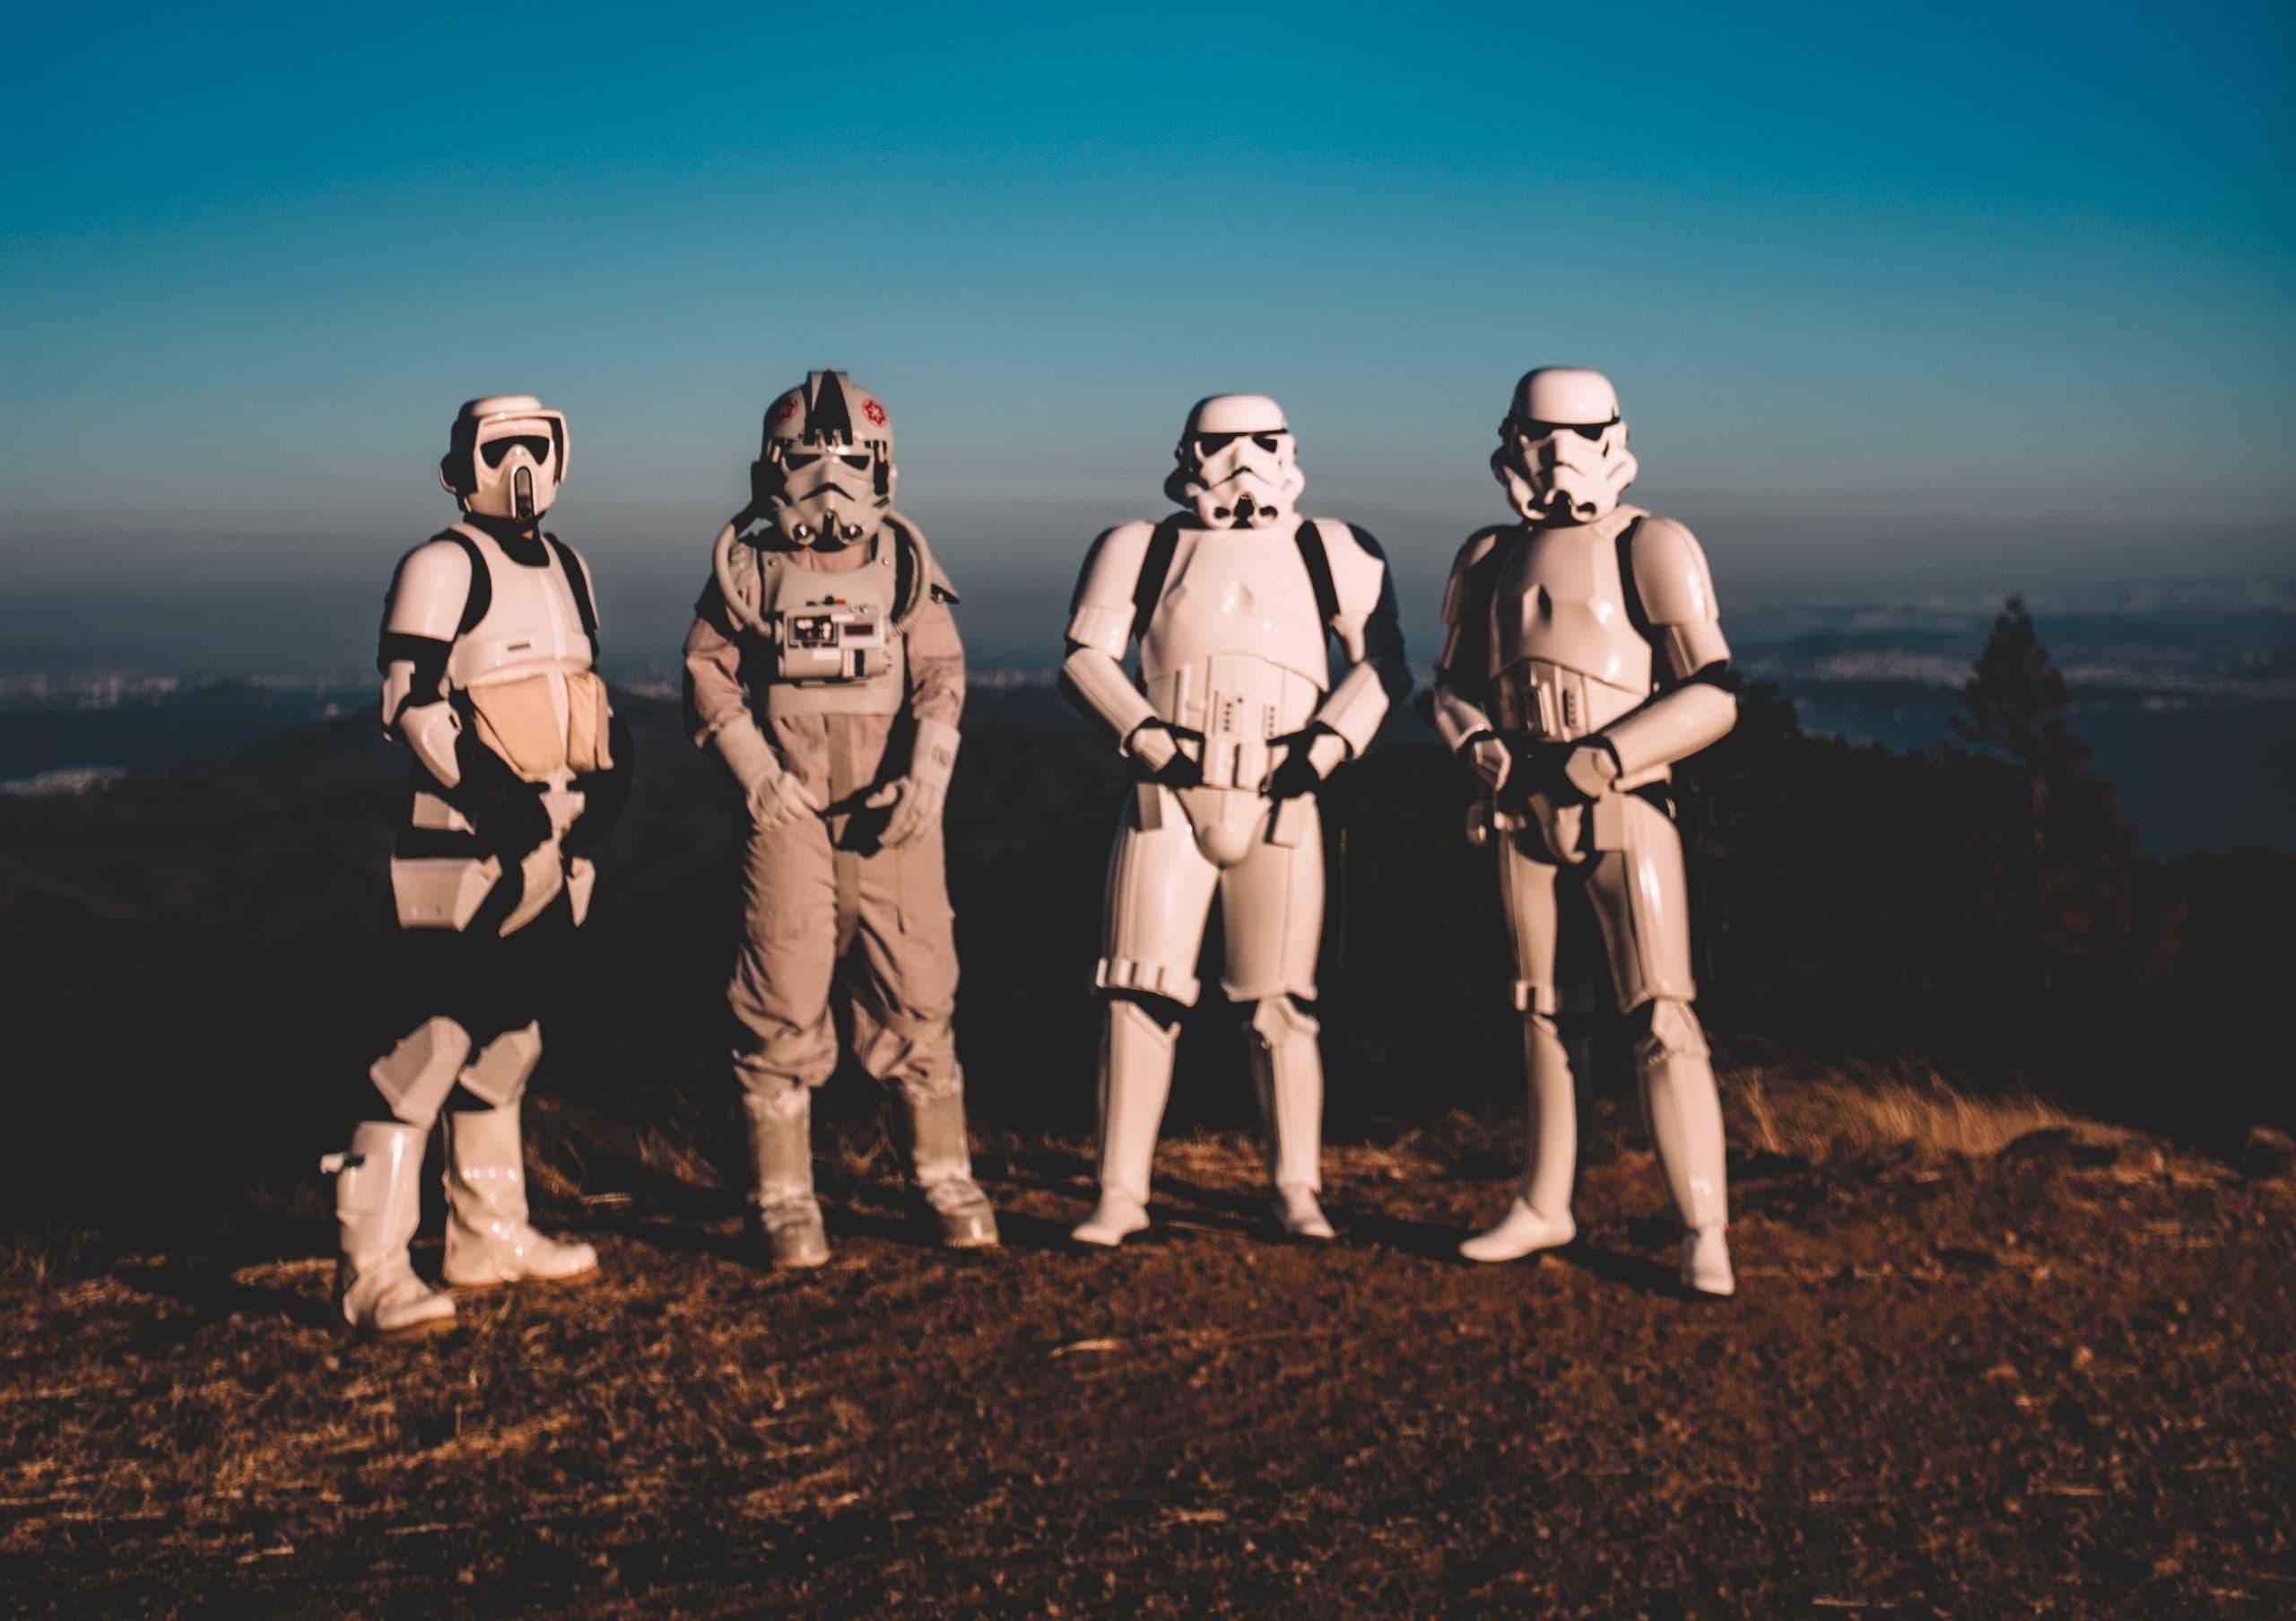 Mission Statement Beispiele: 7 Beispiele für gute Mission Statements und 5 Hacks, wie du sie in deinem Team umgesetzt bekommst.